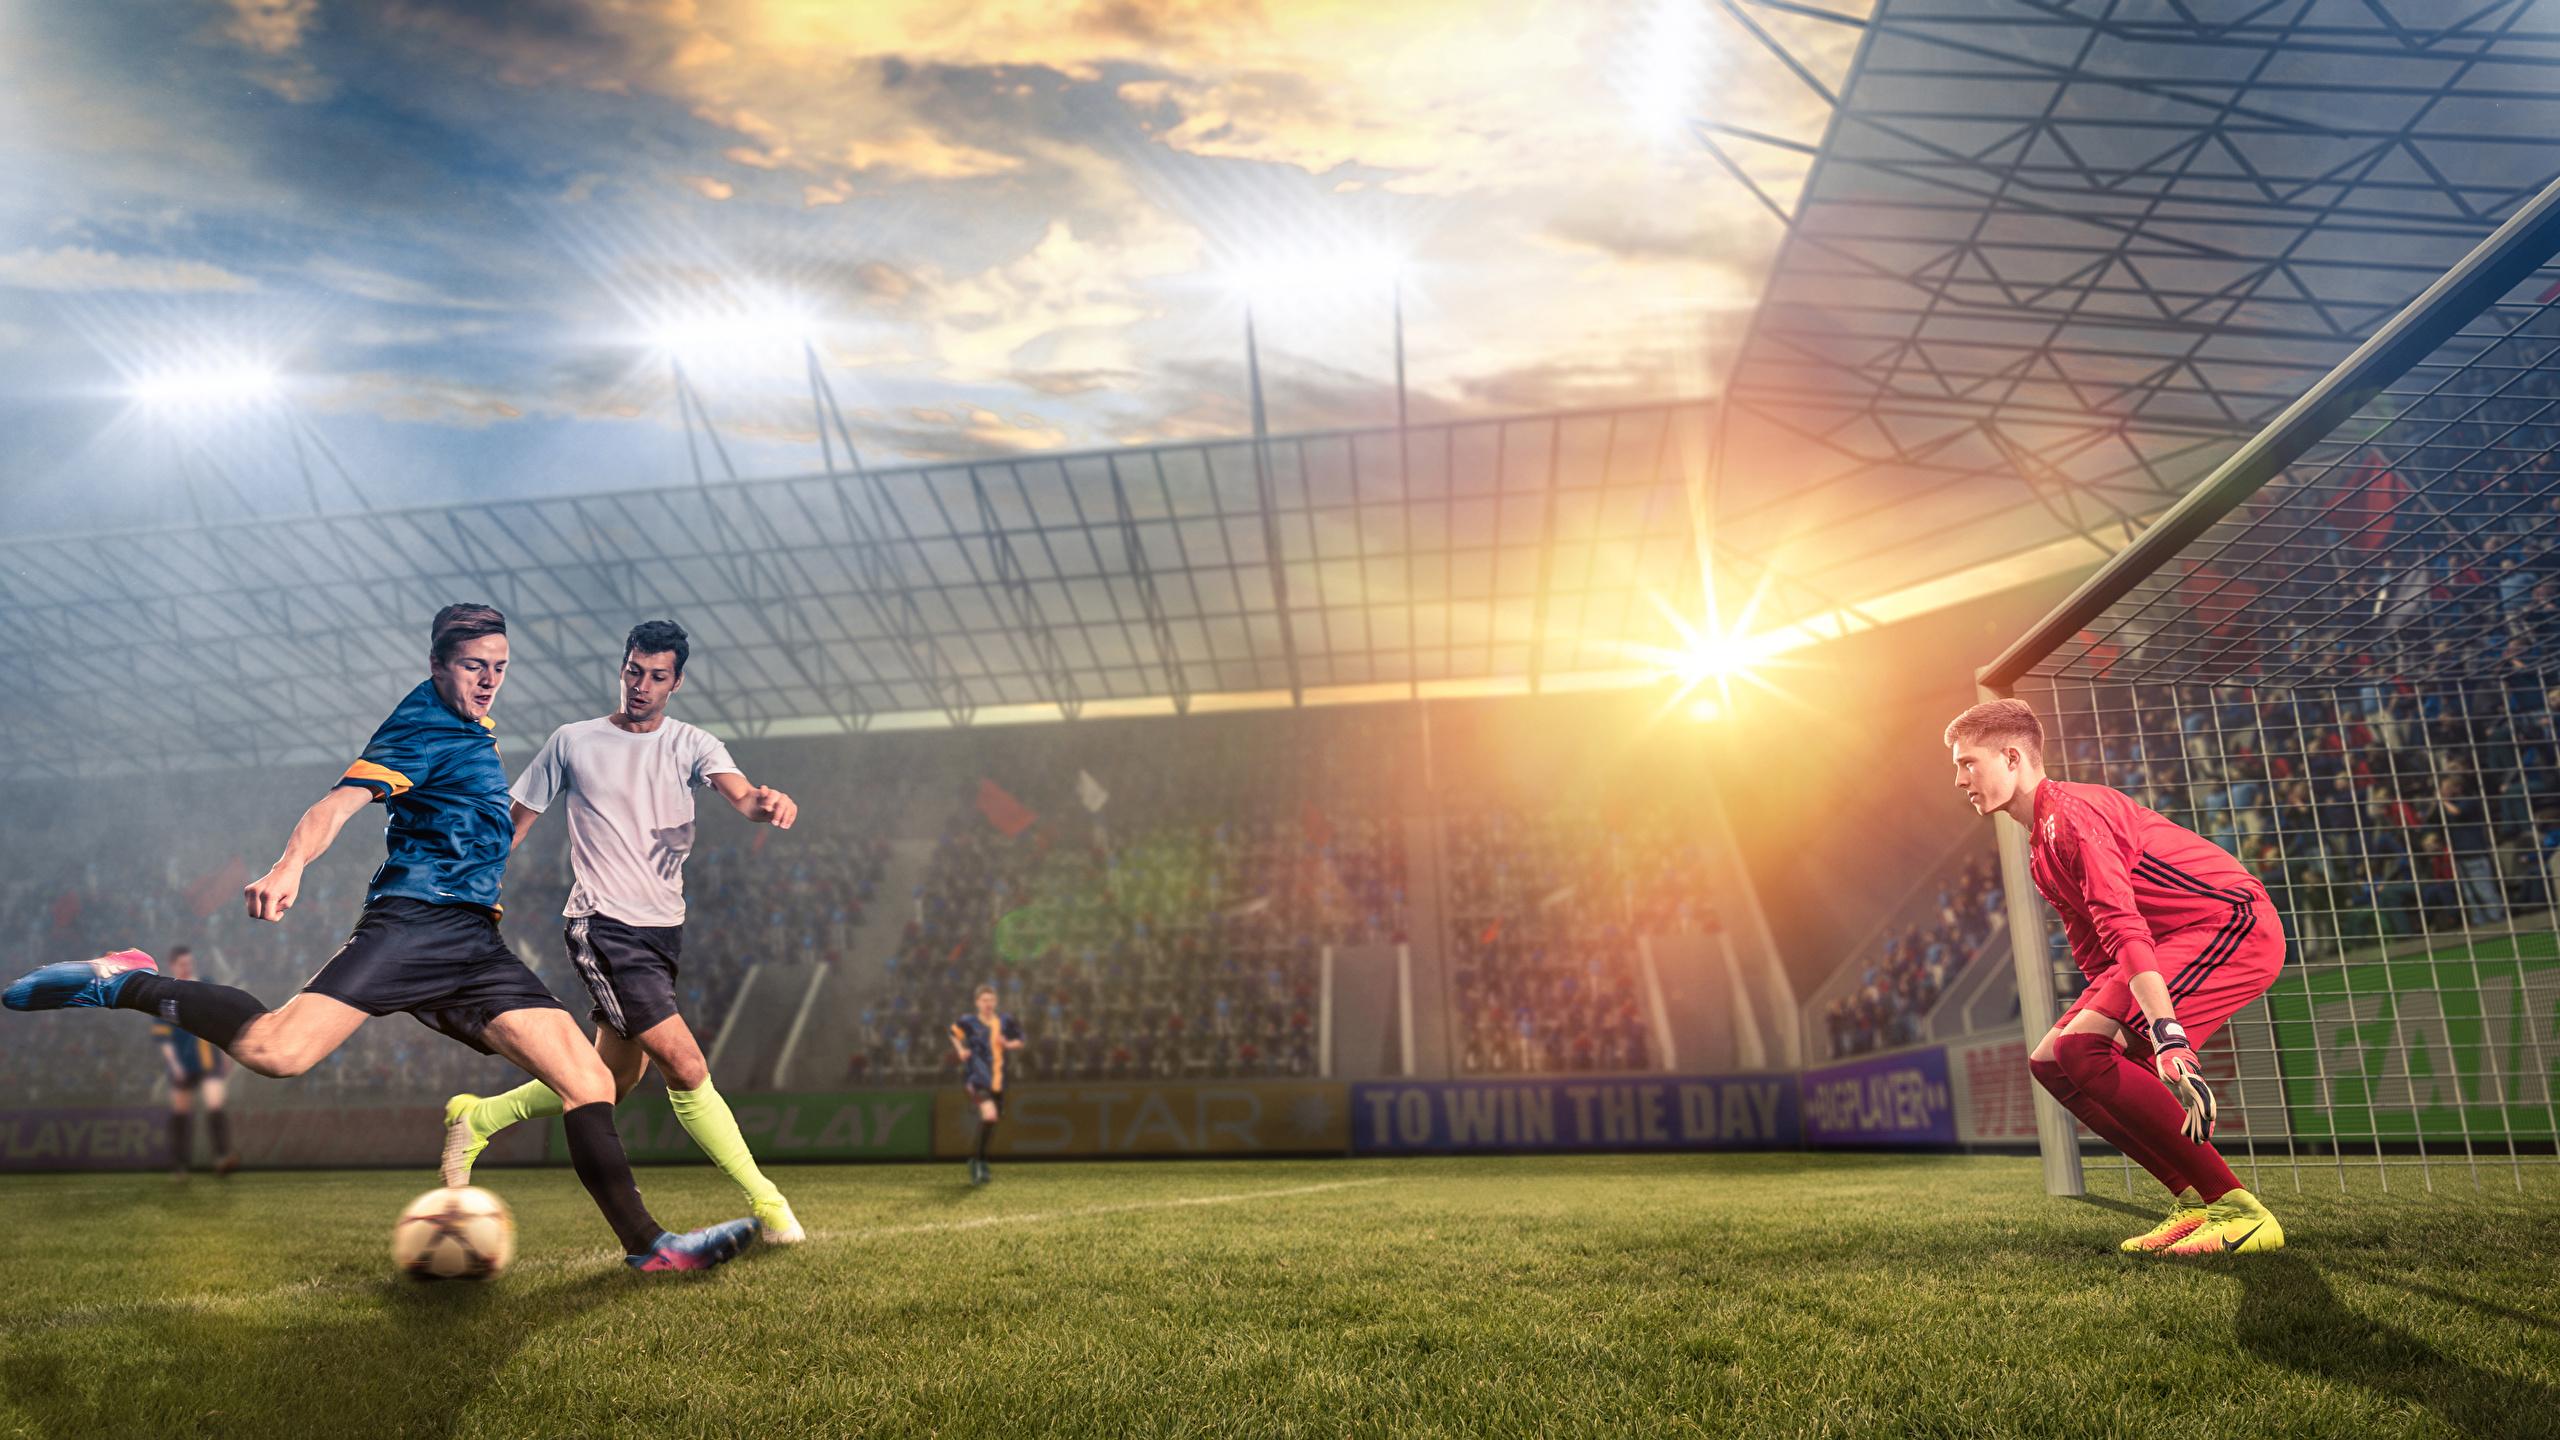 Desktop Wallpapers Man Goalkeeper football sports 2560x1440 2560x1440